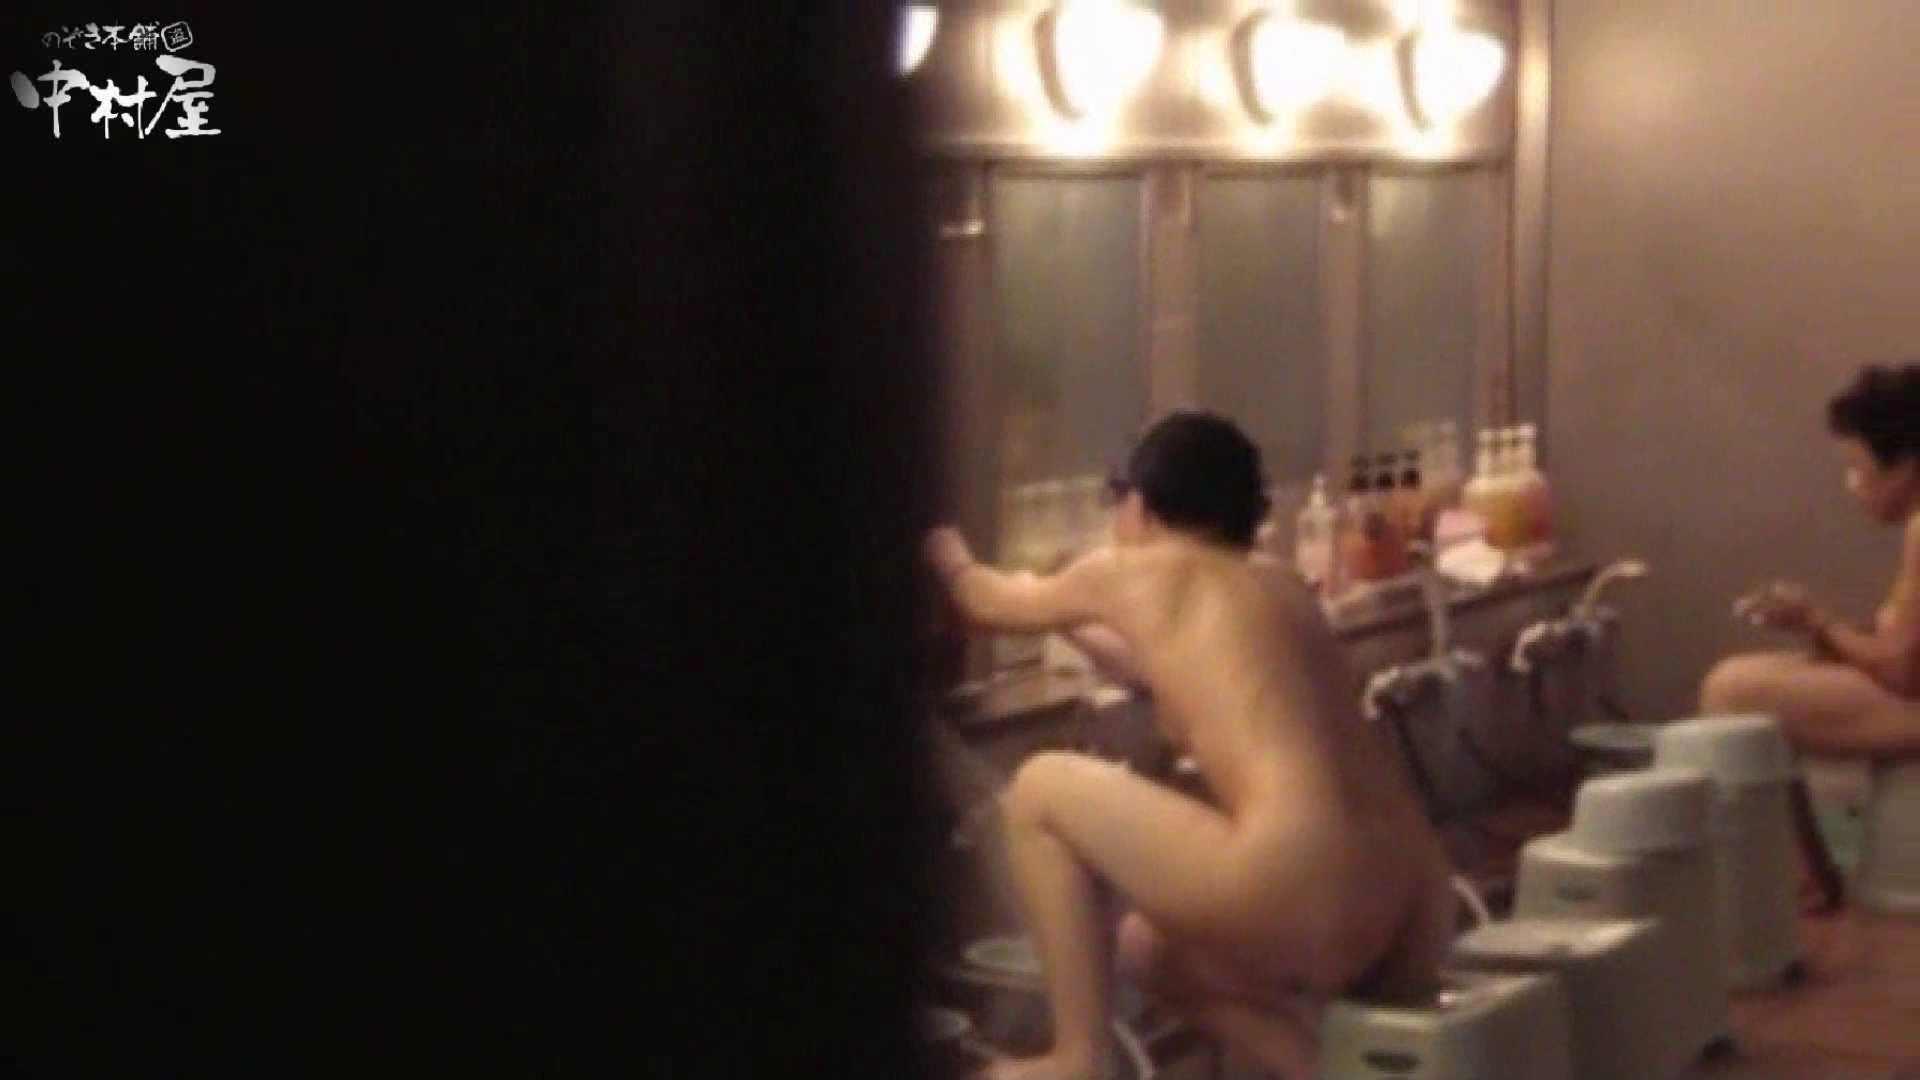 民家風呂専門盗撮師の超危険映像 vol.009 美女ヌード AV動画キャプチャ 104画像 68